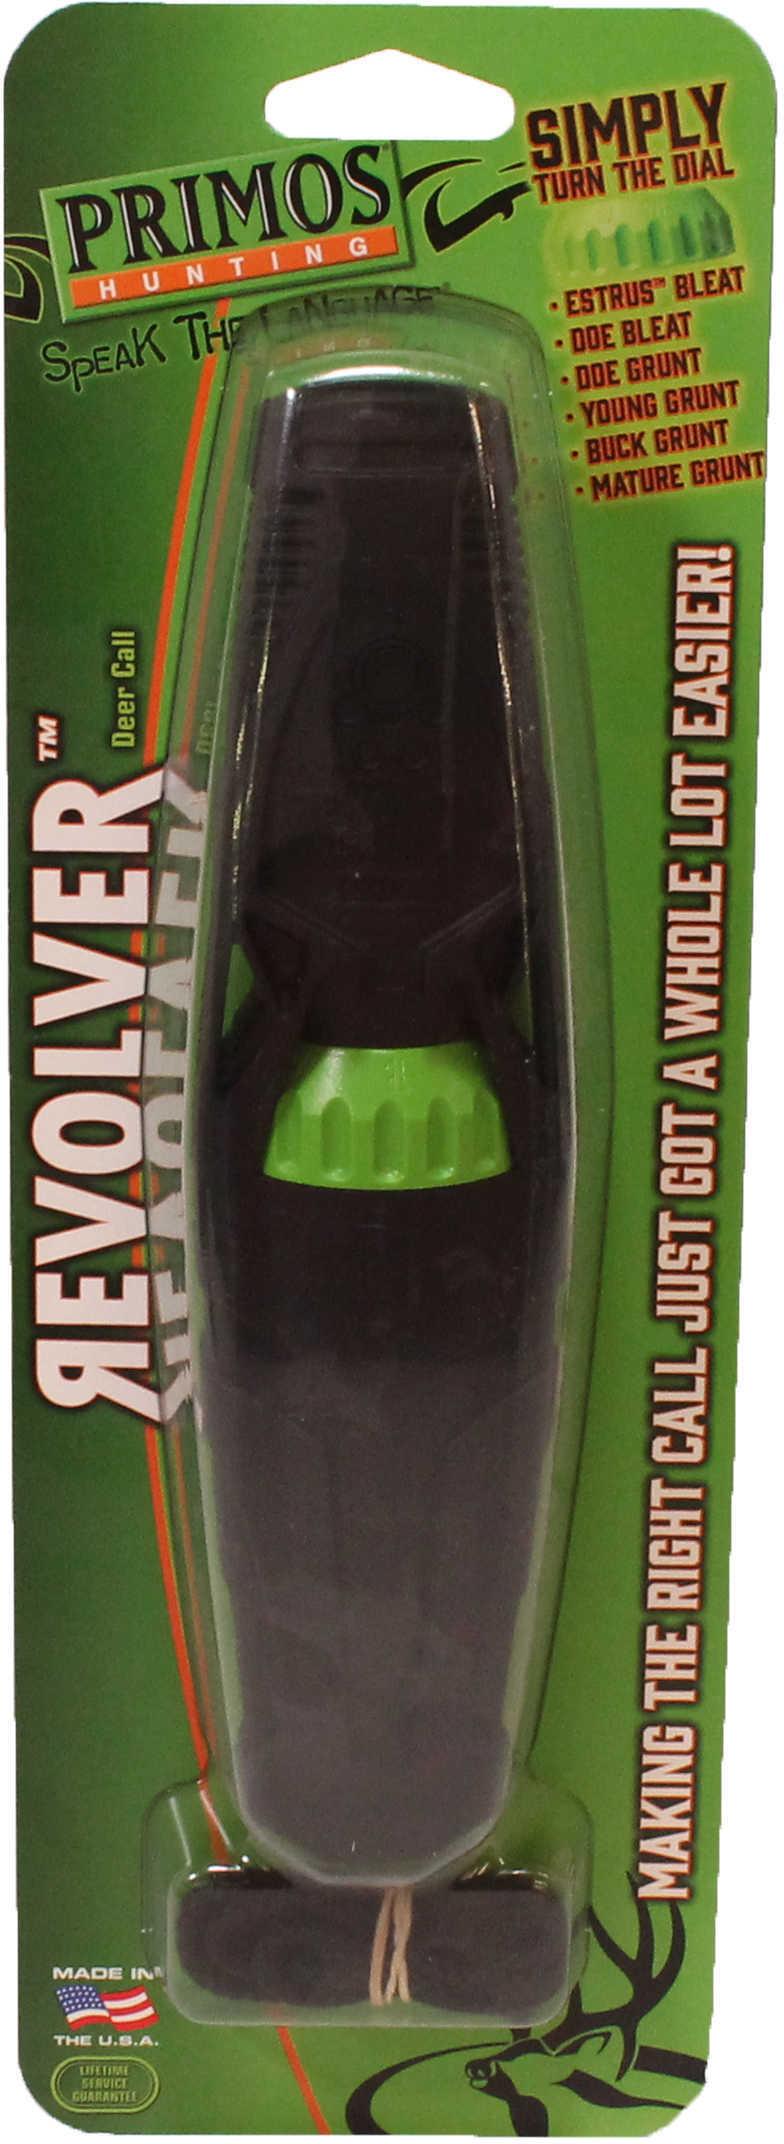 Primos Deer Call Revolver Grunt Md: 776